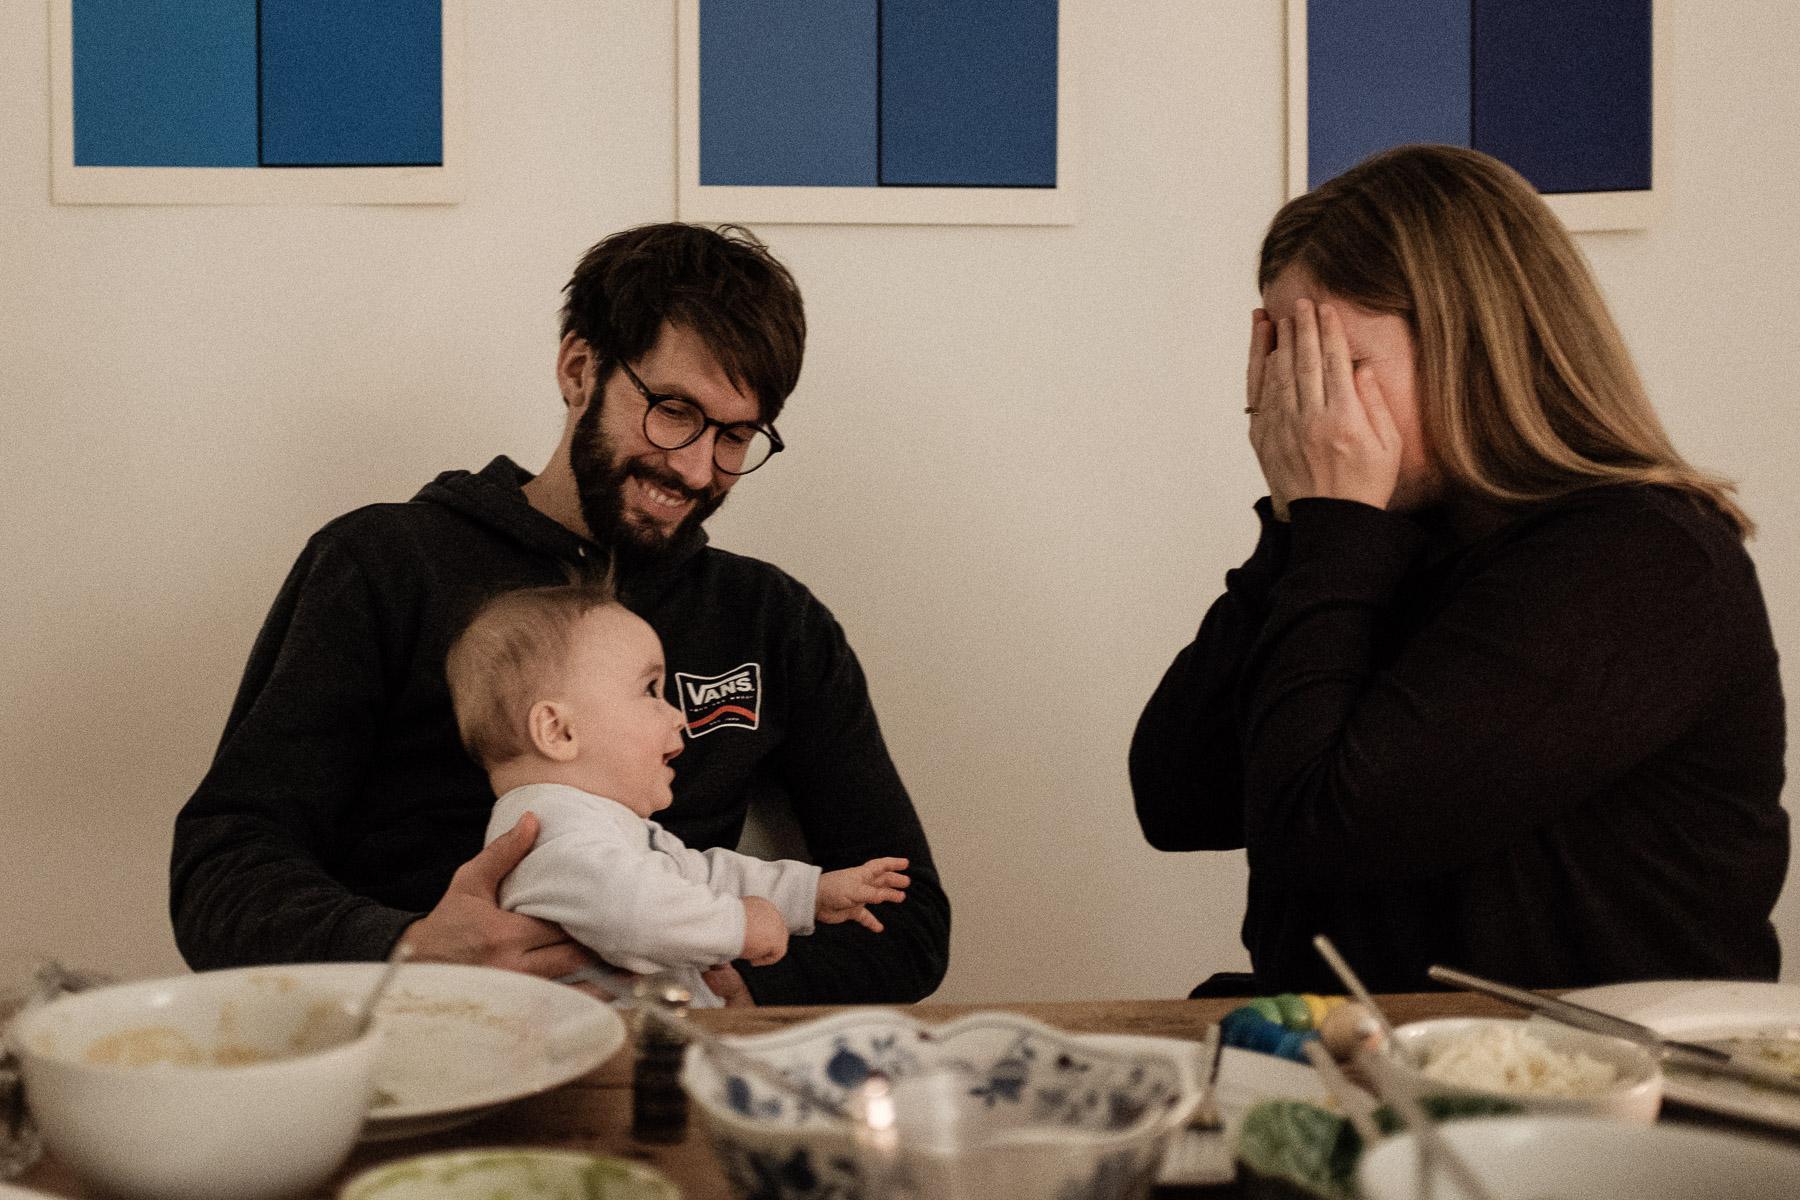 Martin_Liebl_Kein_Familienfotograf_G_Blog_44.jpg